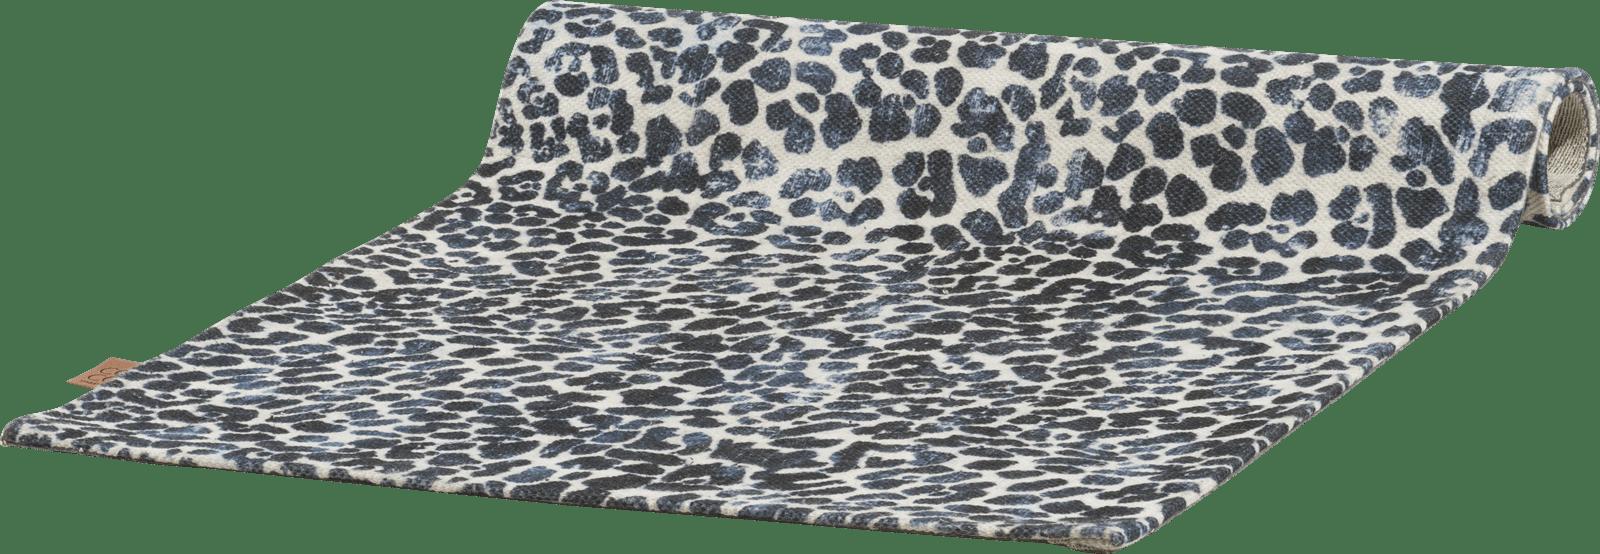 Coco Maison - karpet leopard - 90 x 150 cm - 100% polyester